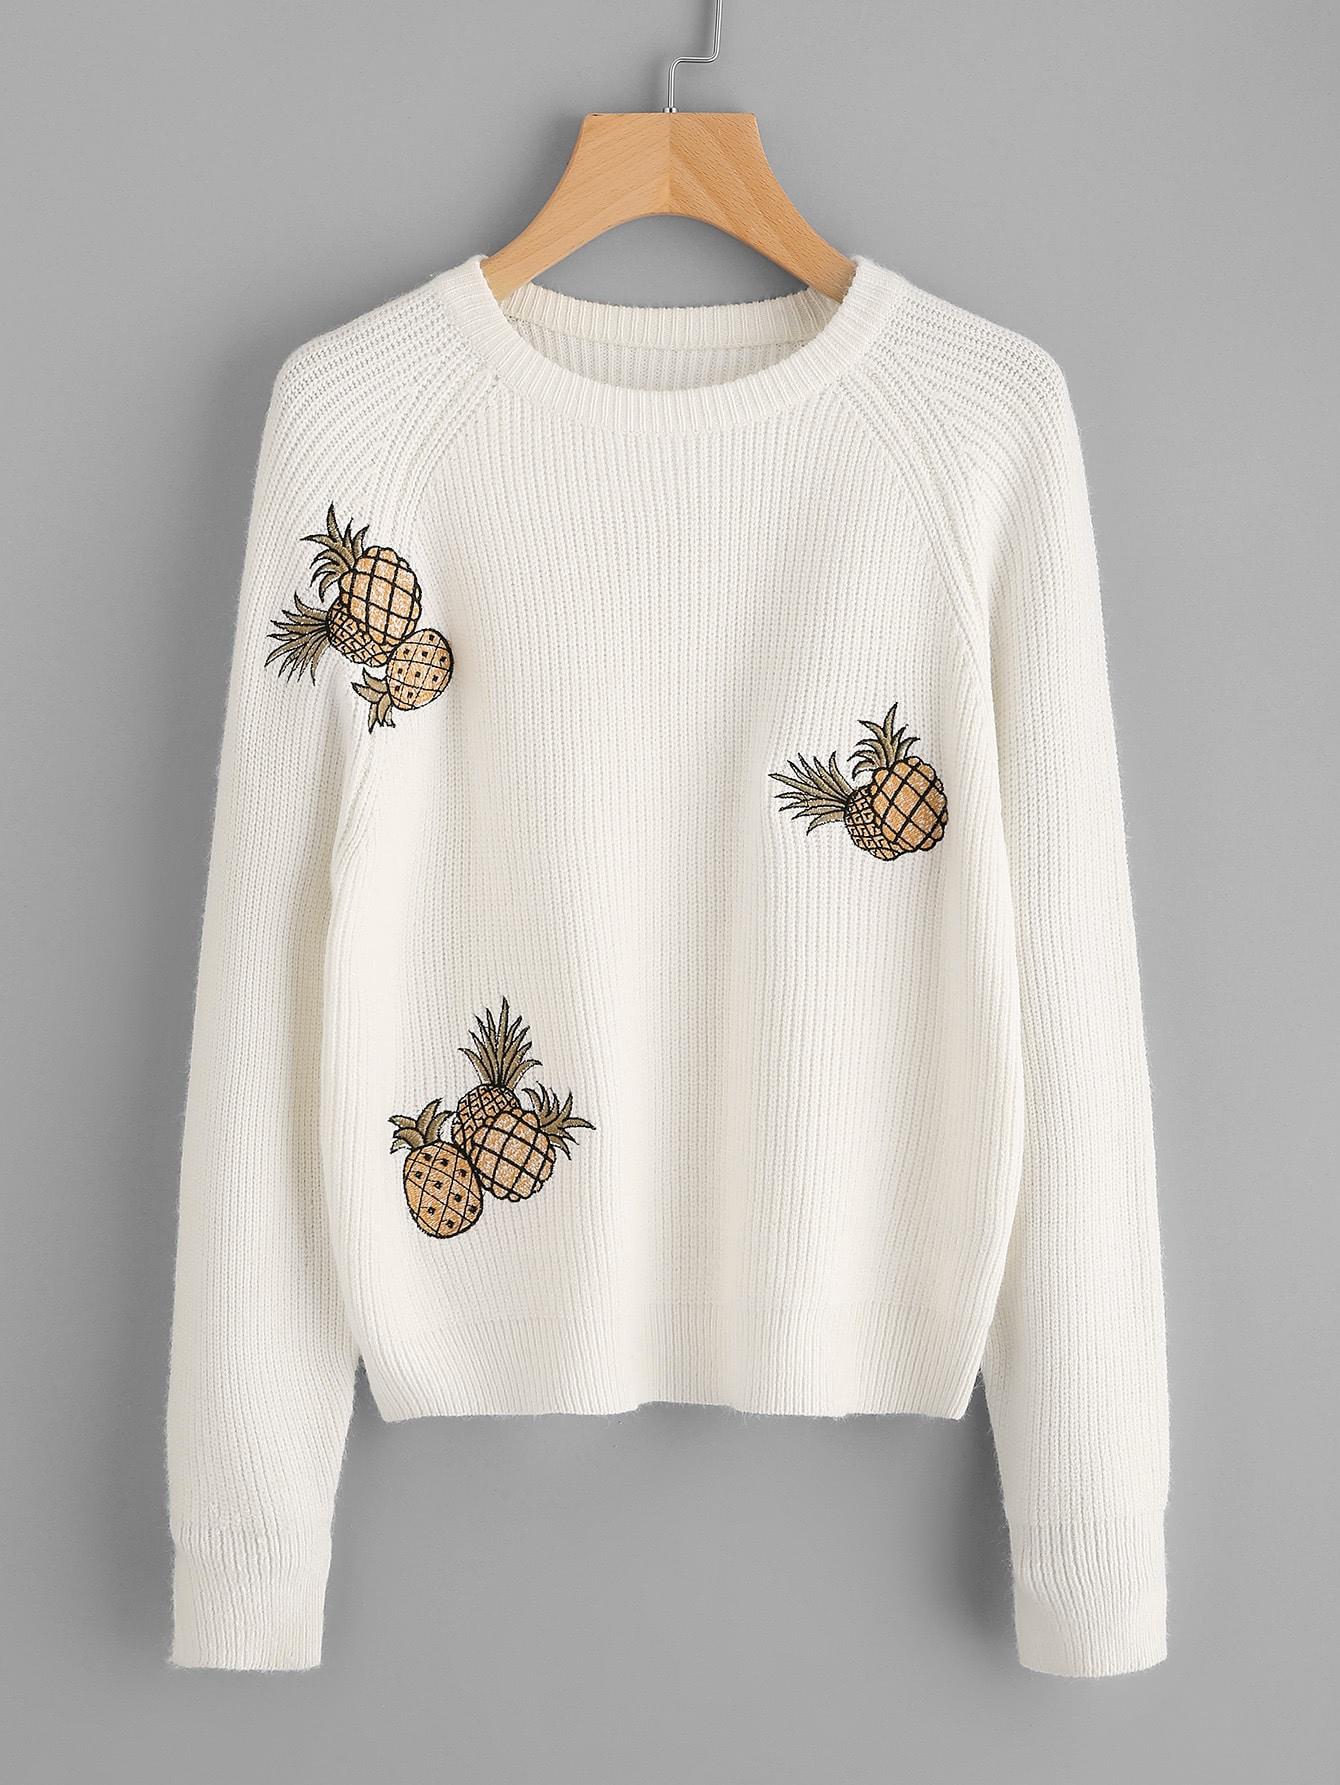 Pineapple Embroidered Raglan Sleeve Jumper sweater170720478